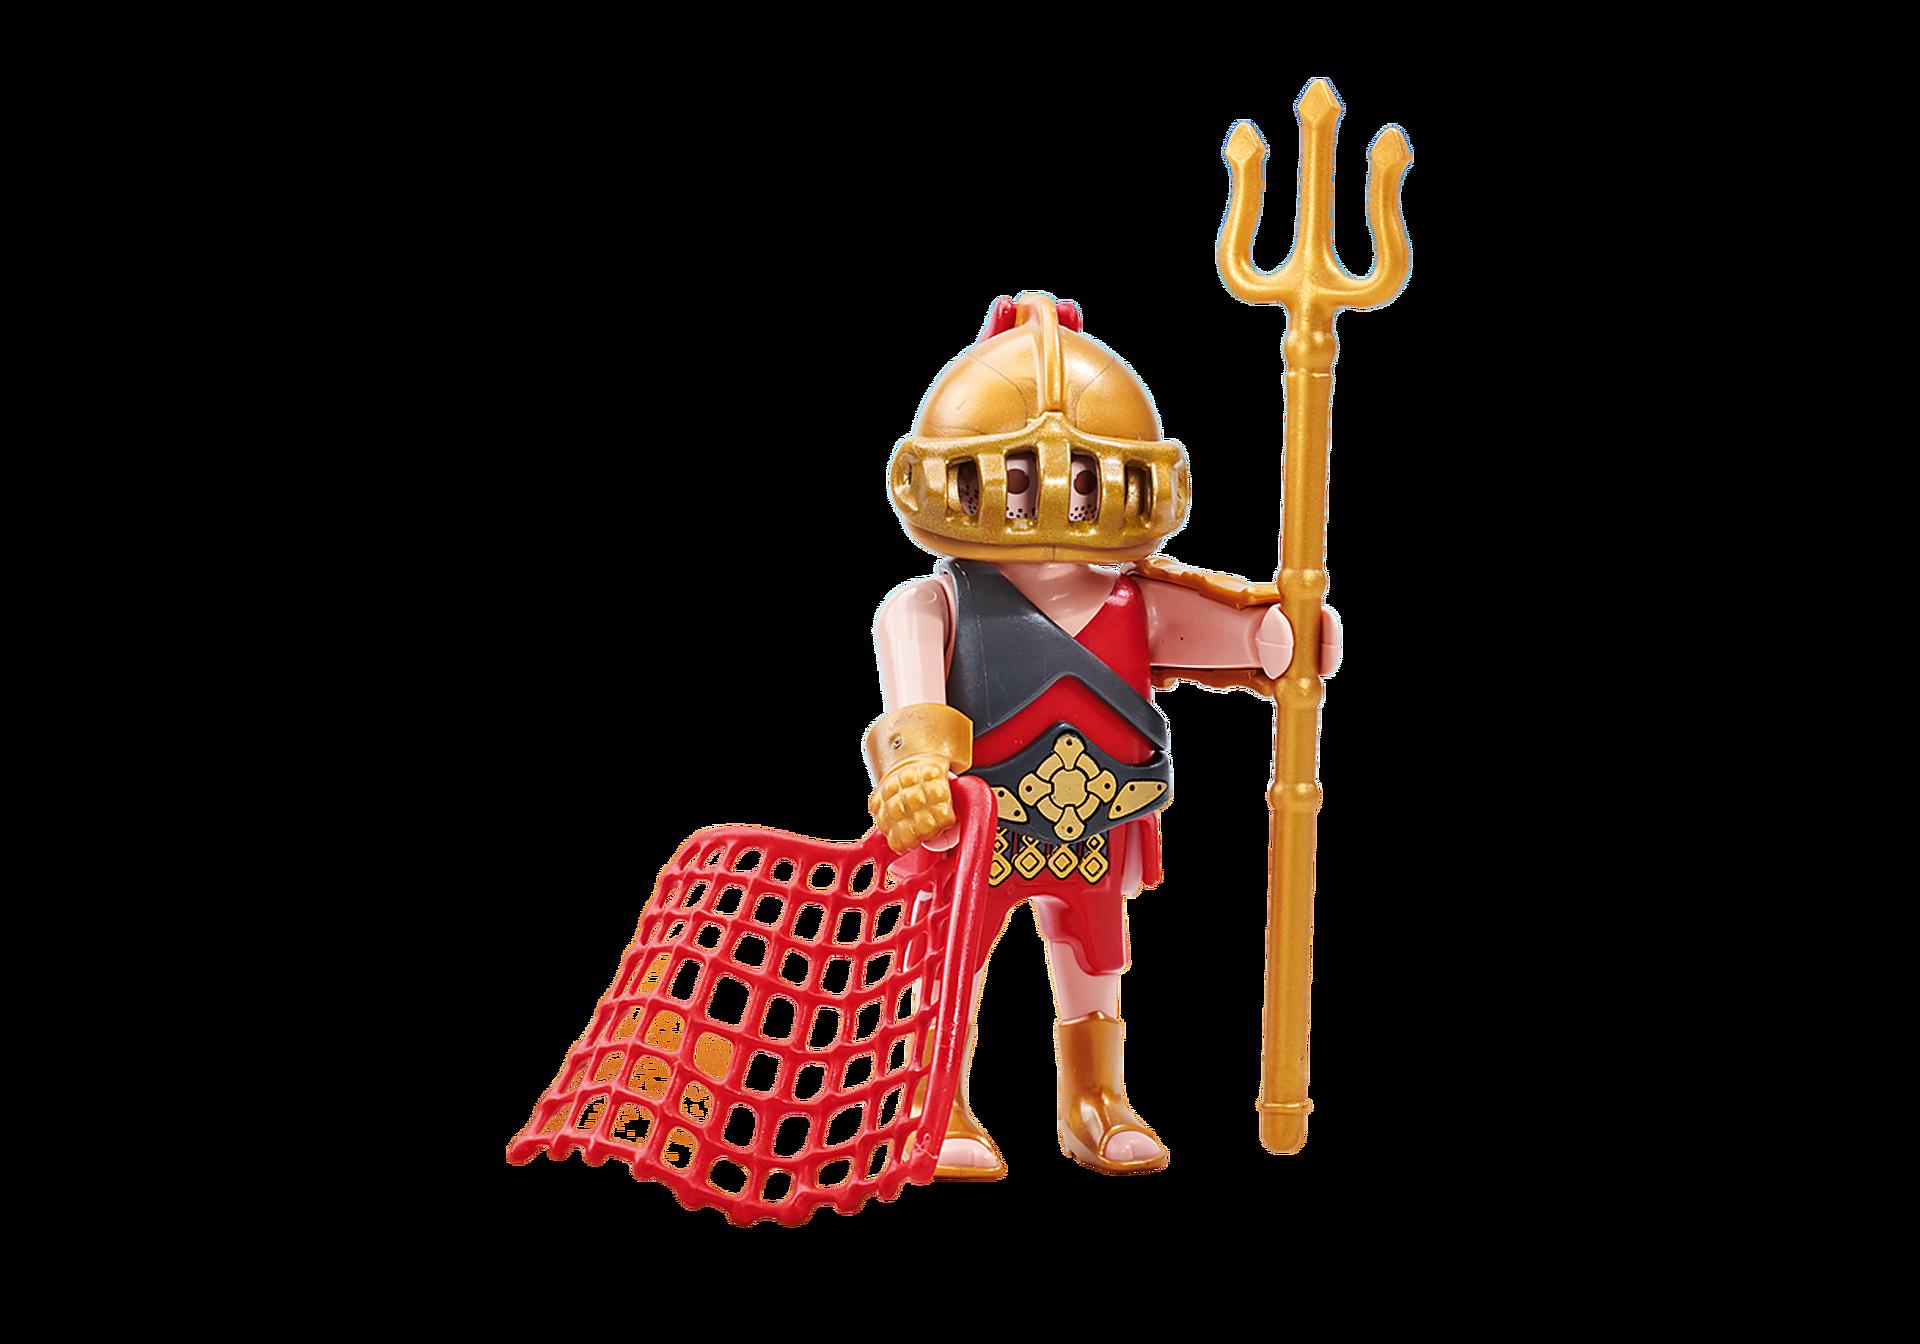 6589 Anführer der Gladiatoren zoom image1